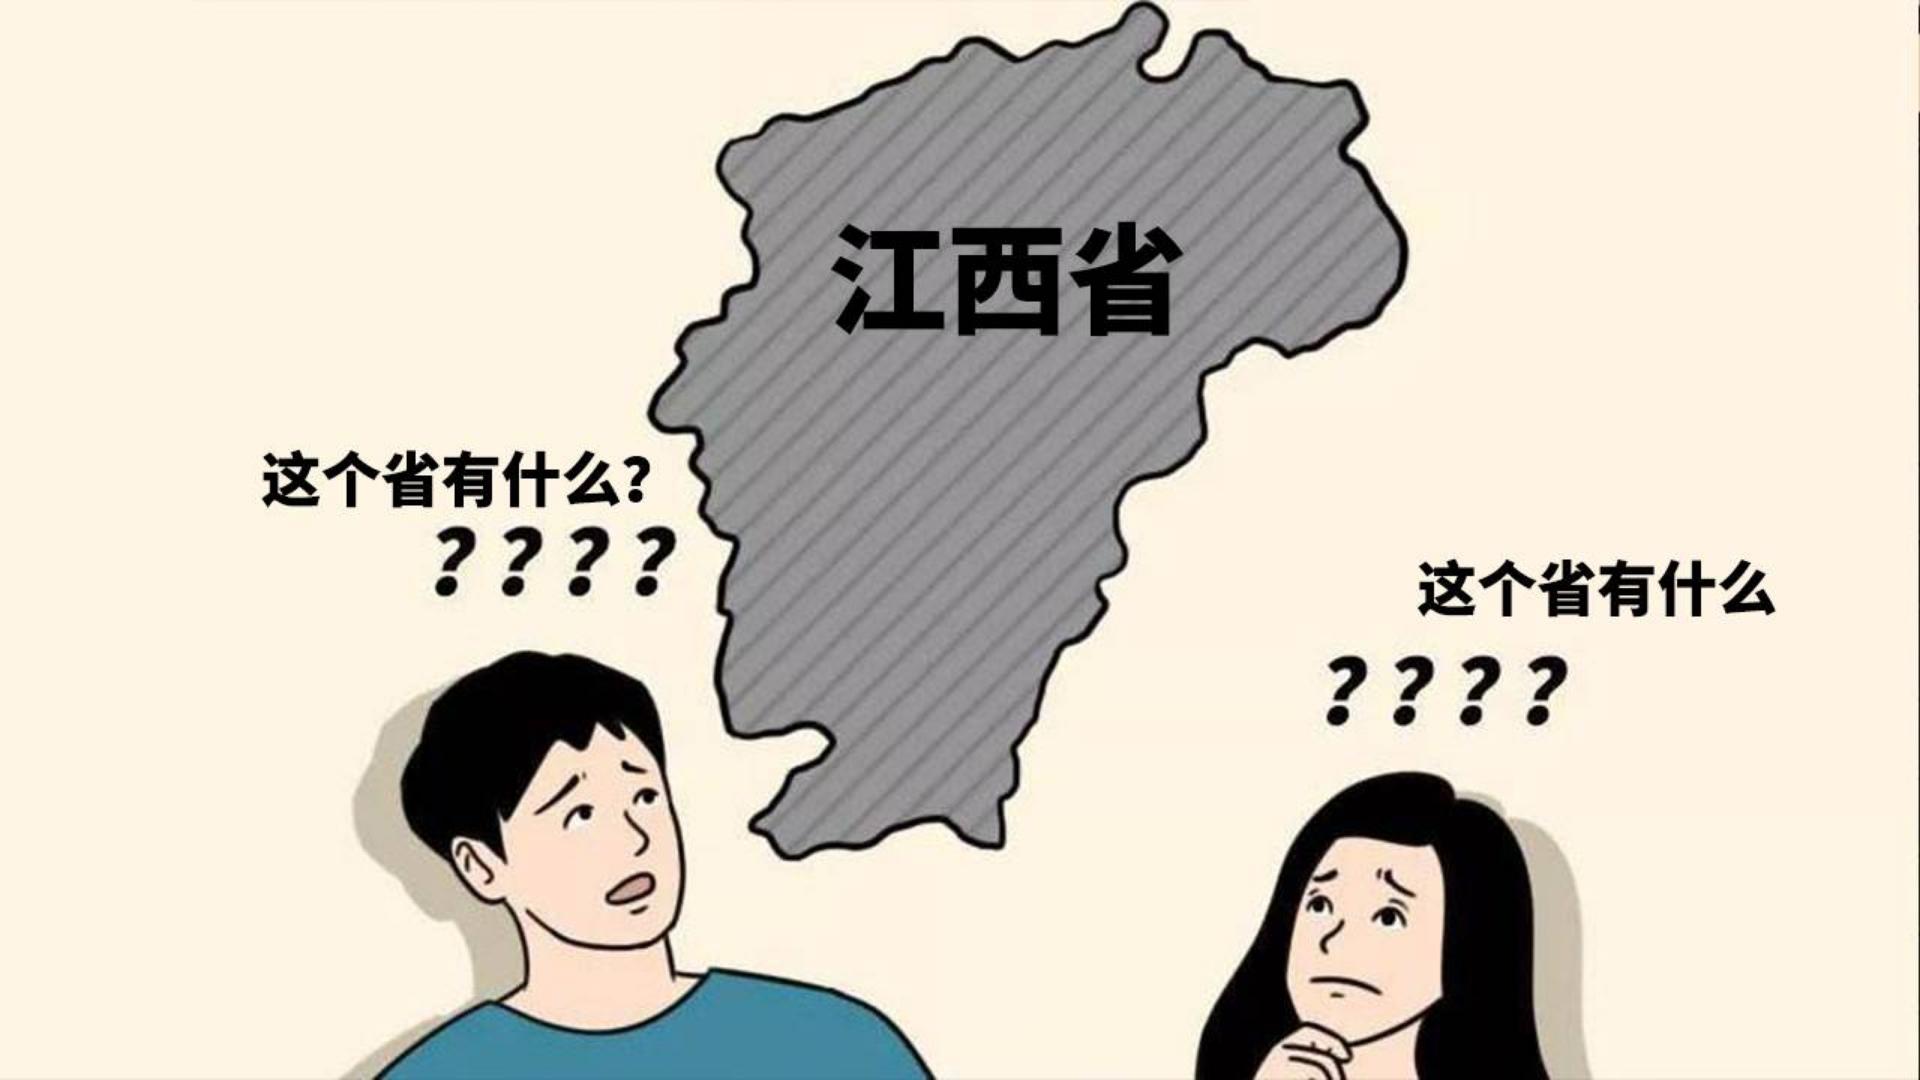 为什么江西省的存在感这么低?